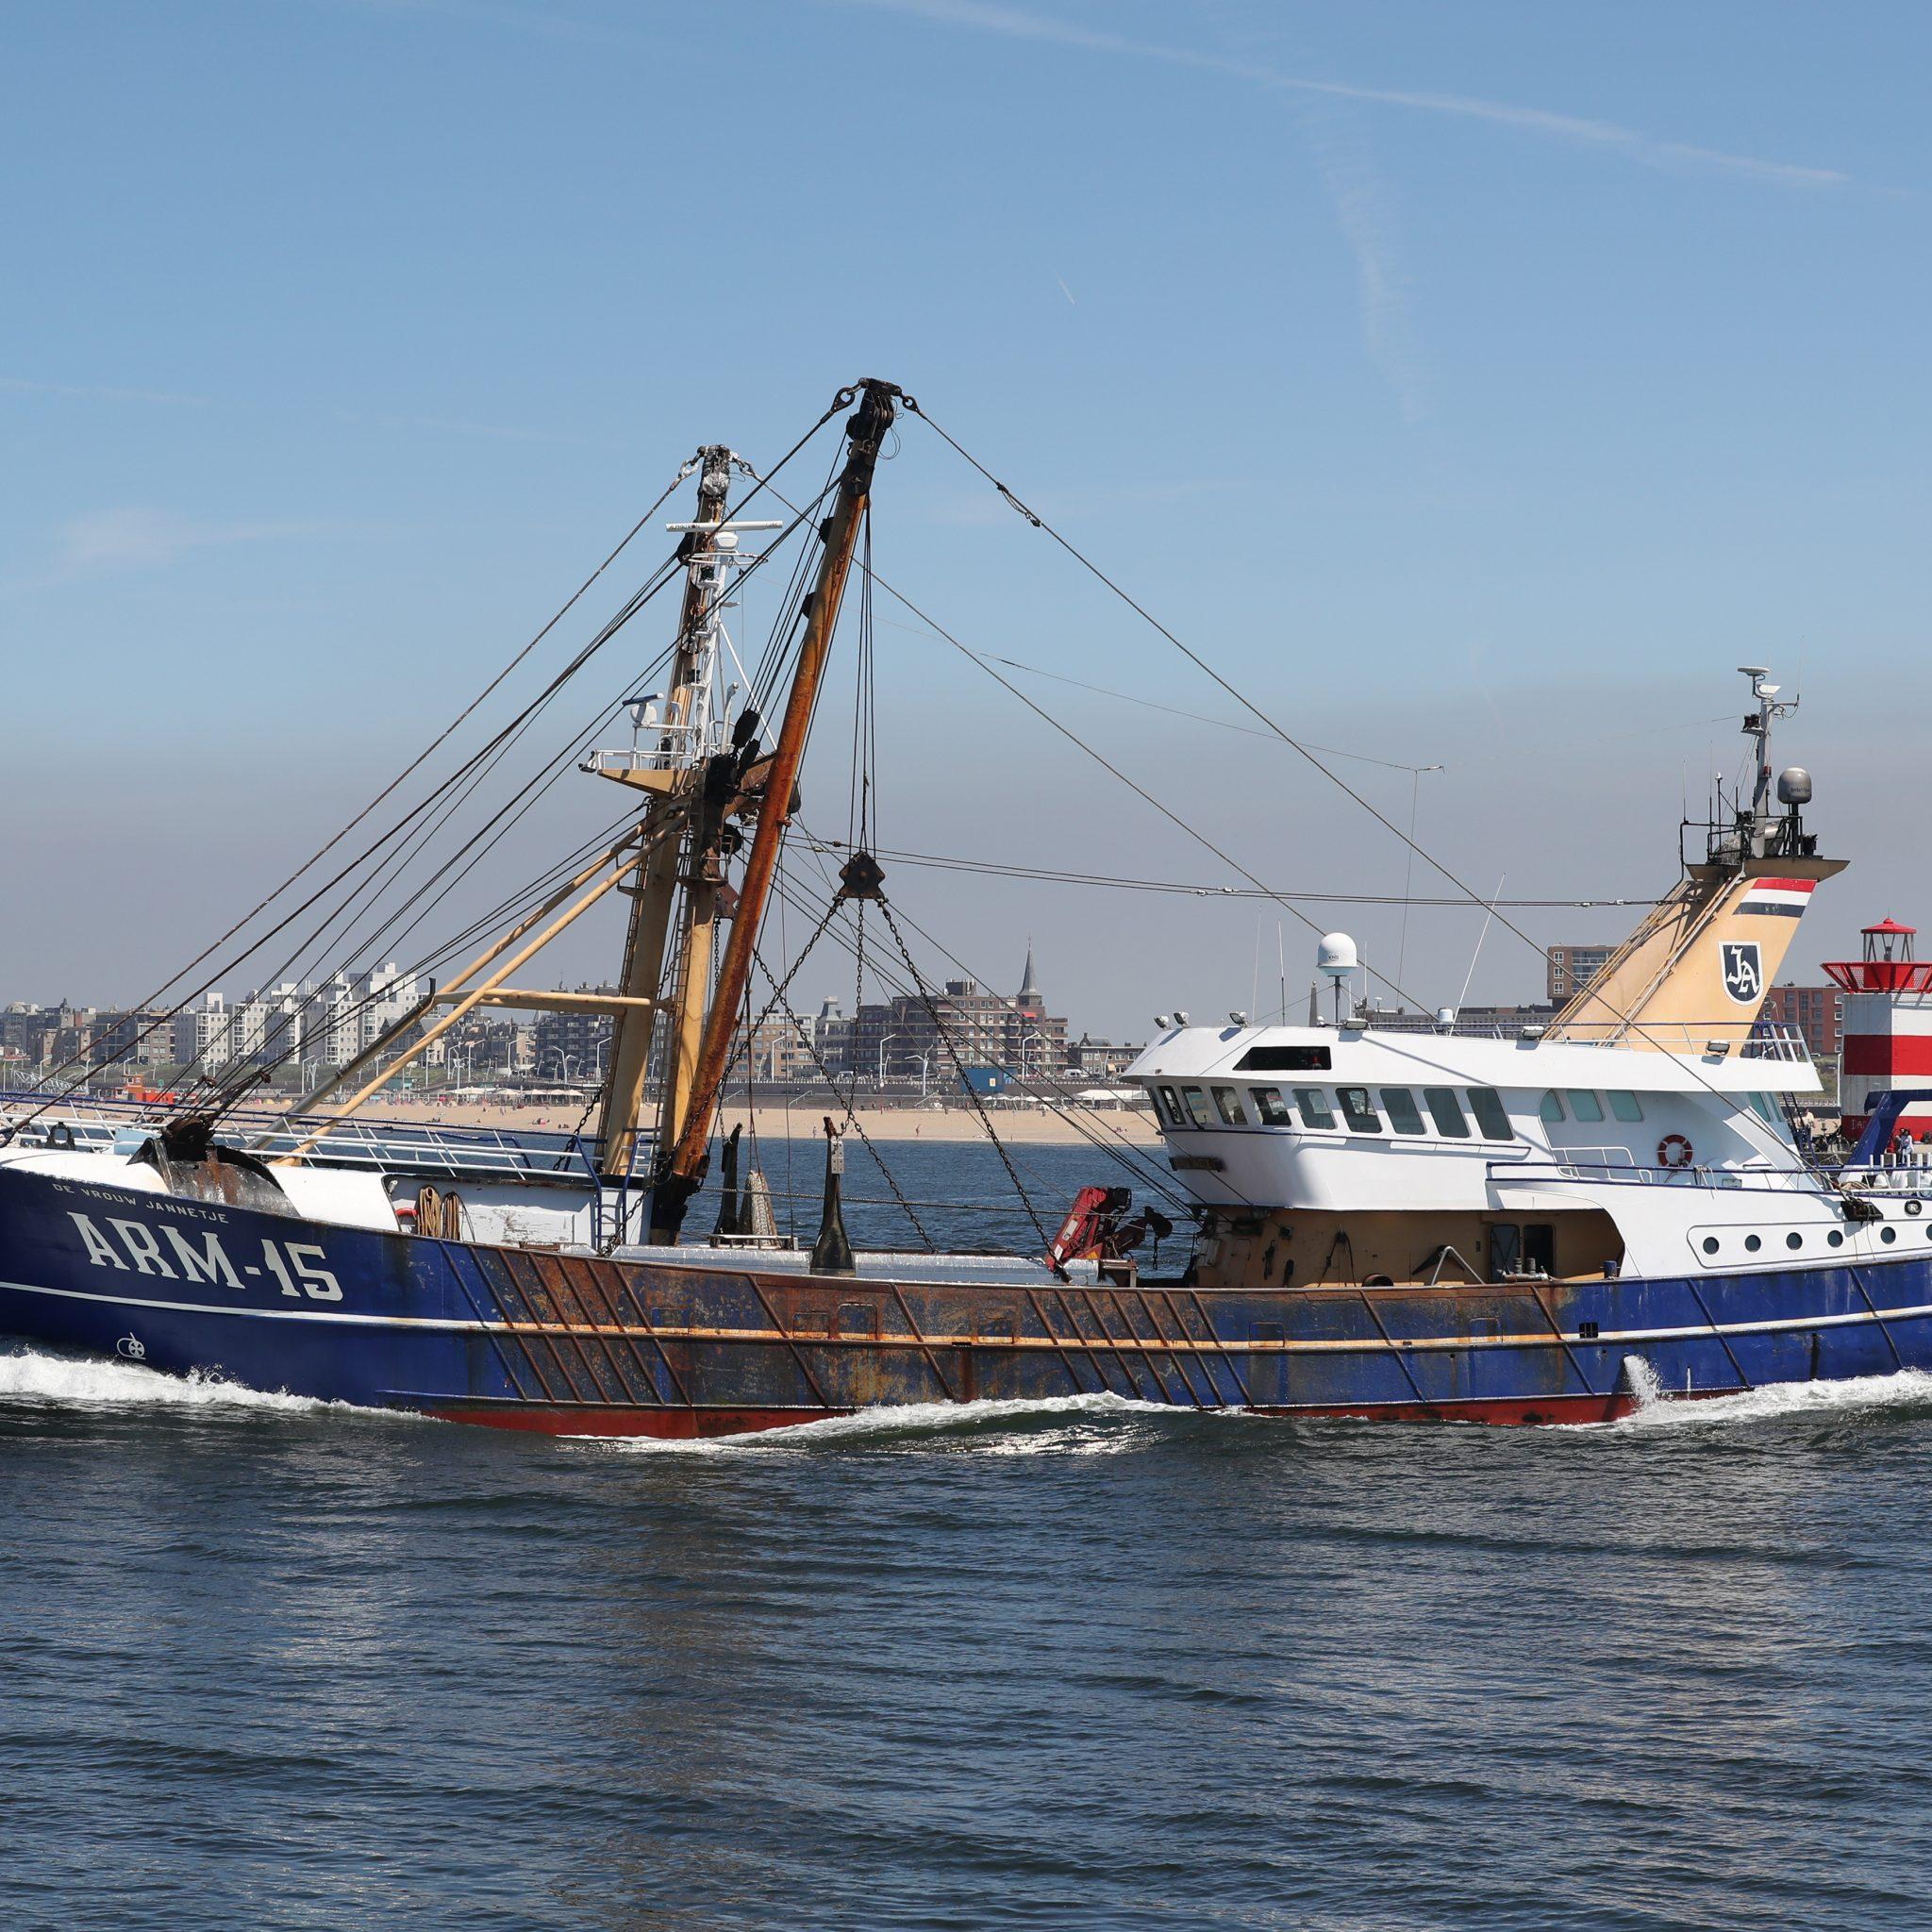 De ARM-15 verlaat Scheveningen na verkoop van de vangst. (Foto Bram Pronk)